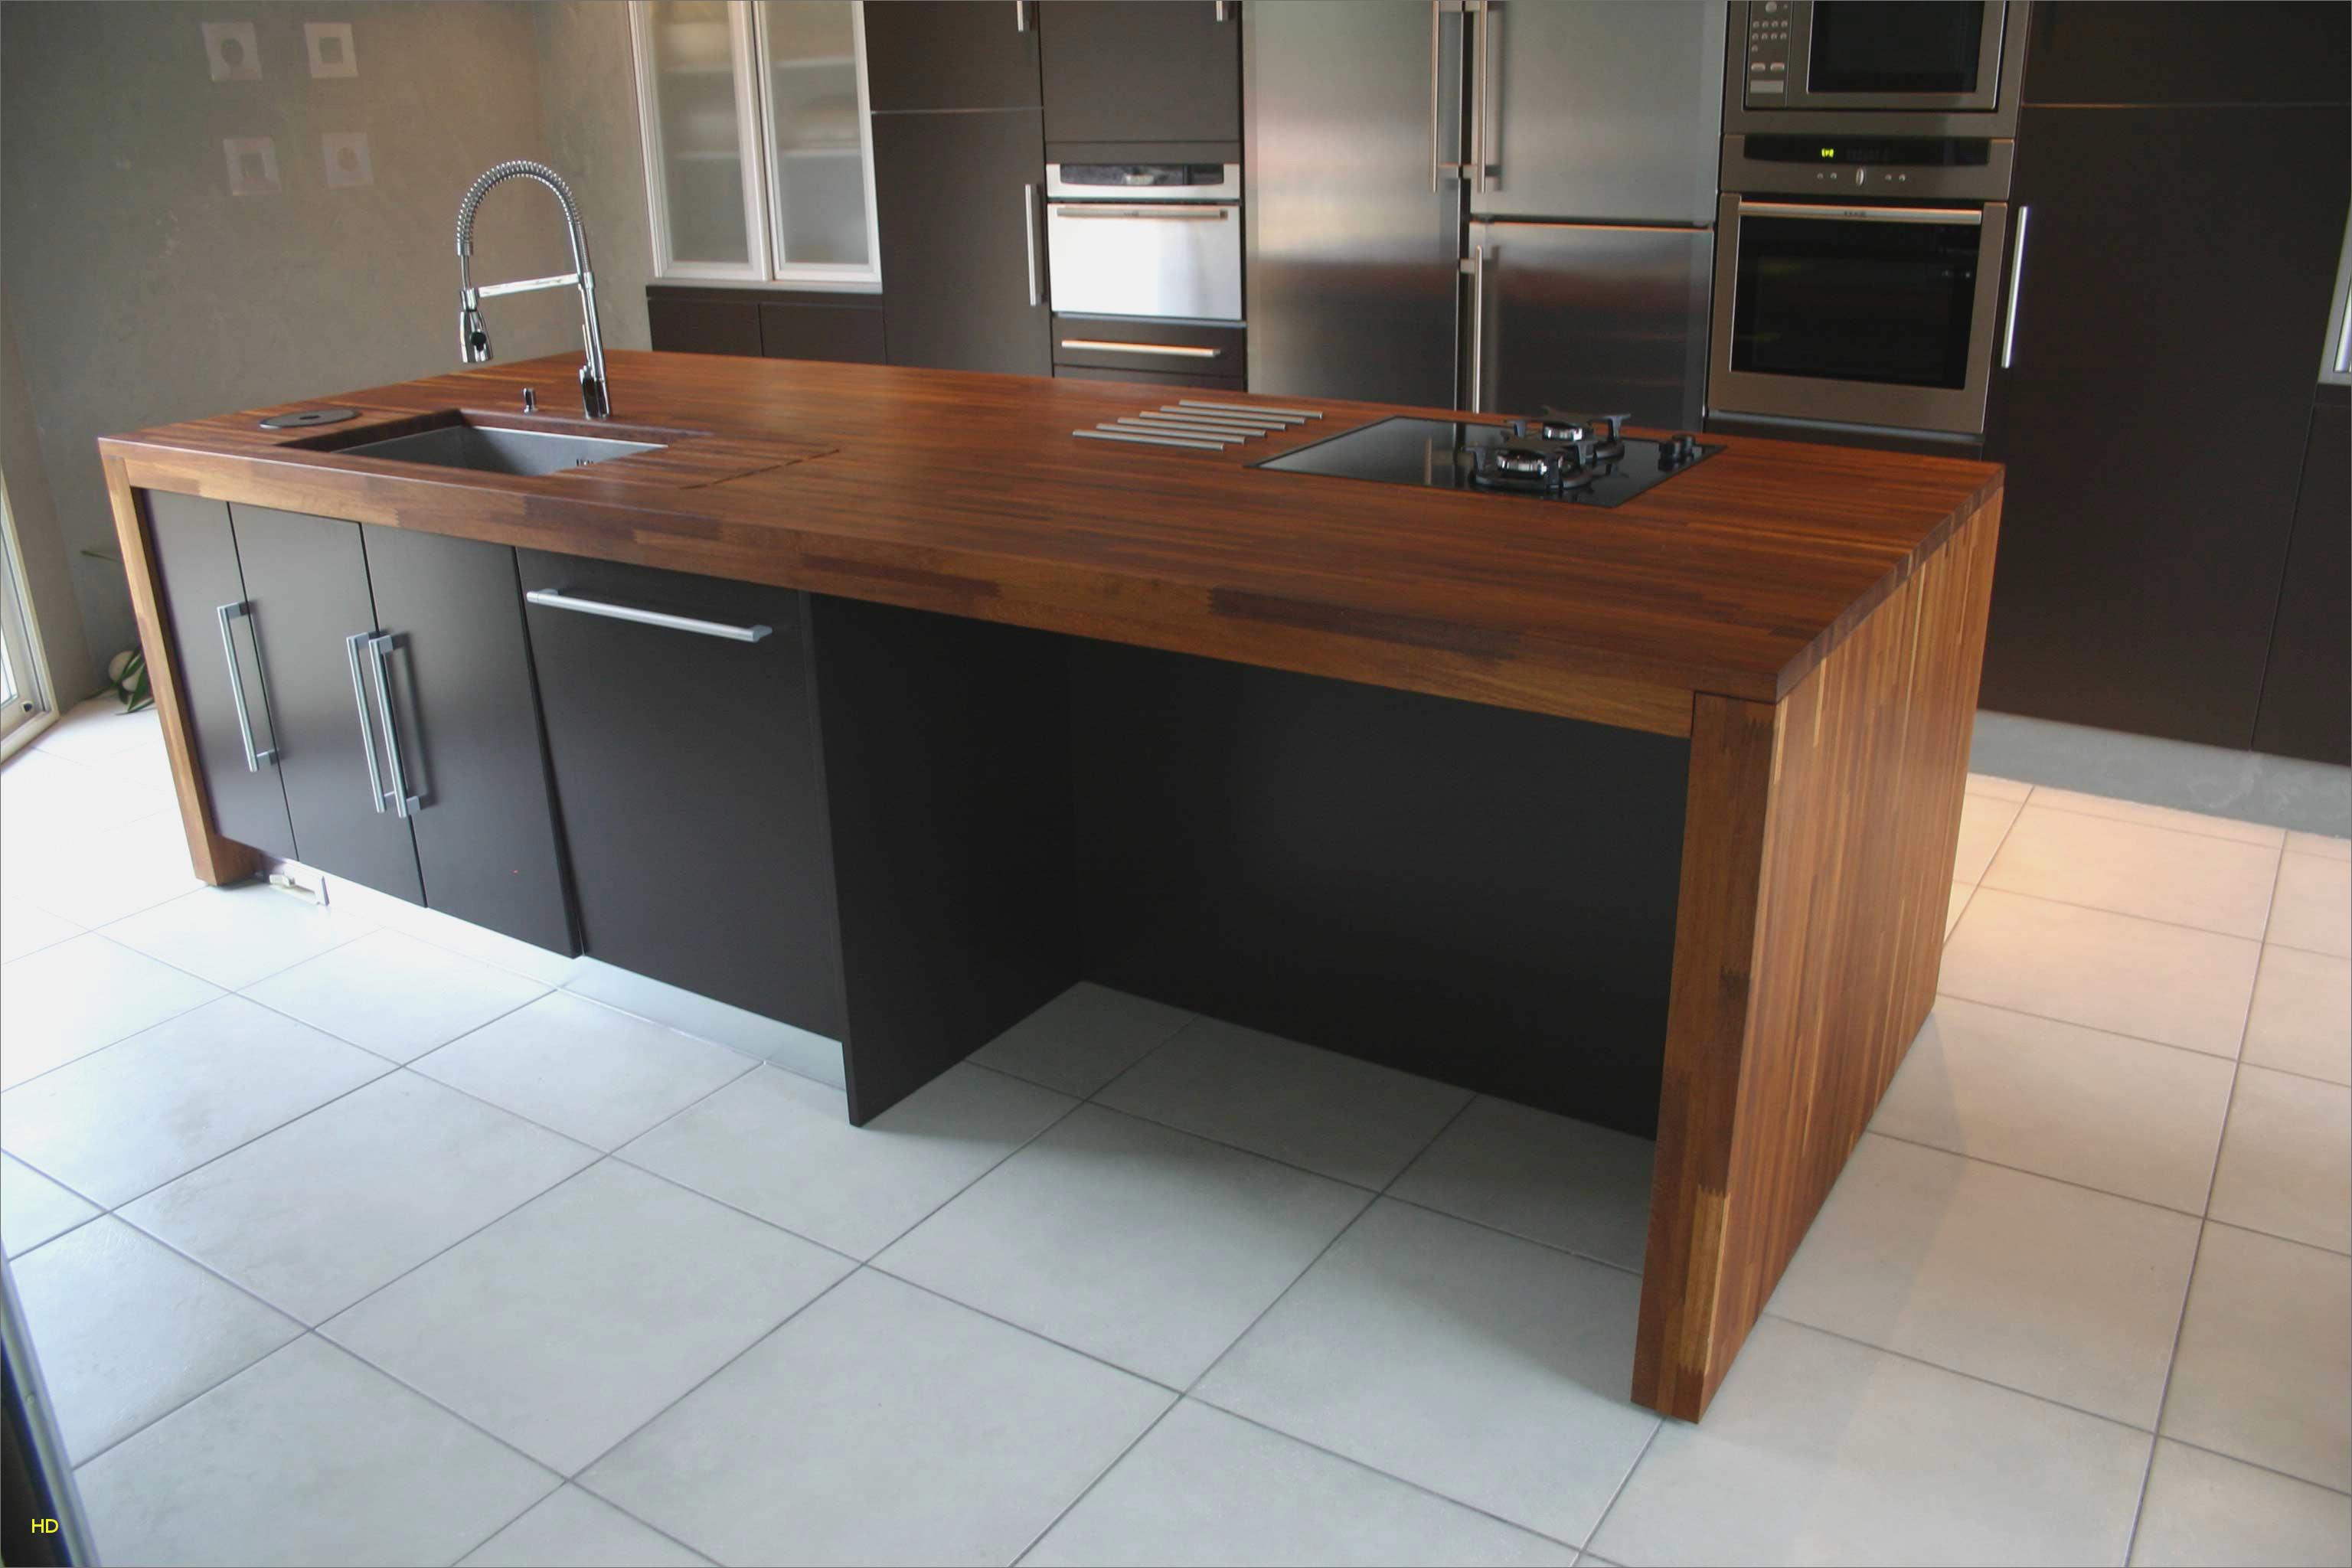 plan de travail retractable ikea lille maison. Black Bedroom Furniture Sets. Home Design Ideas